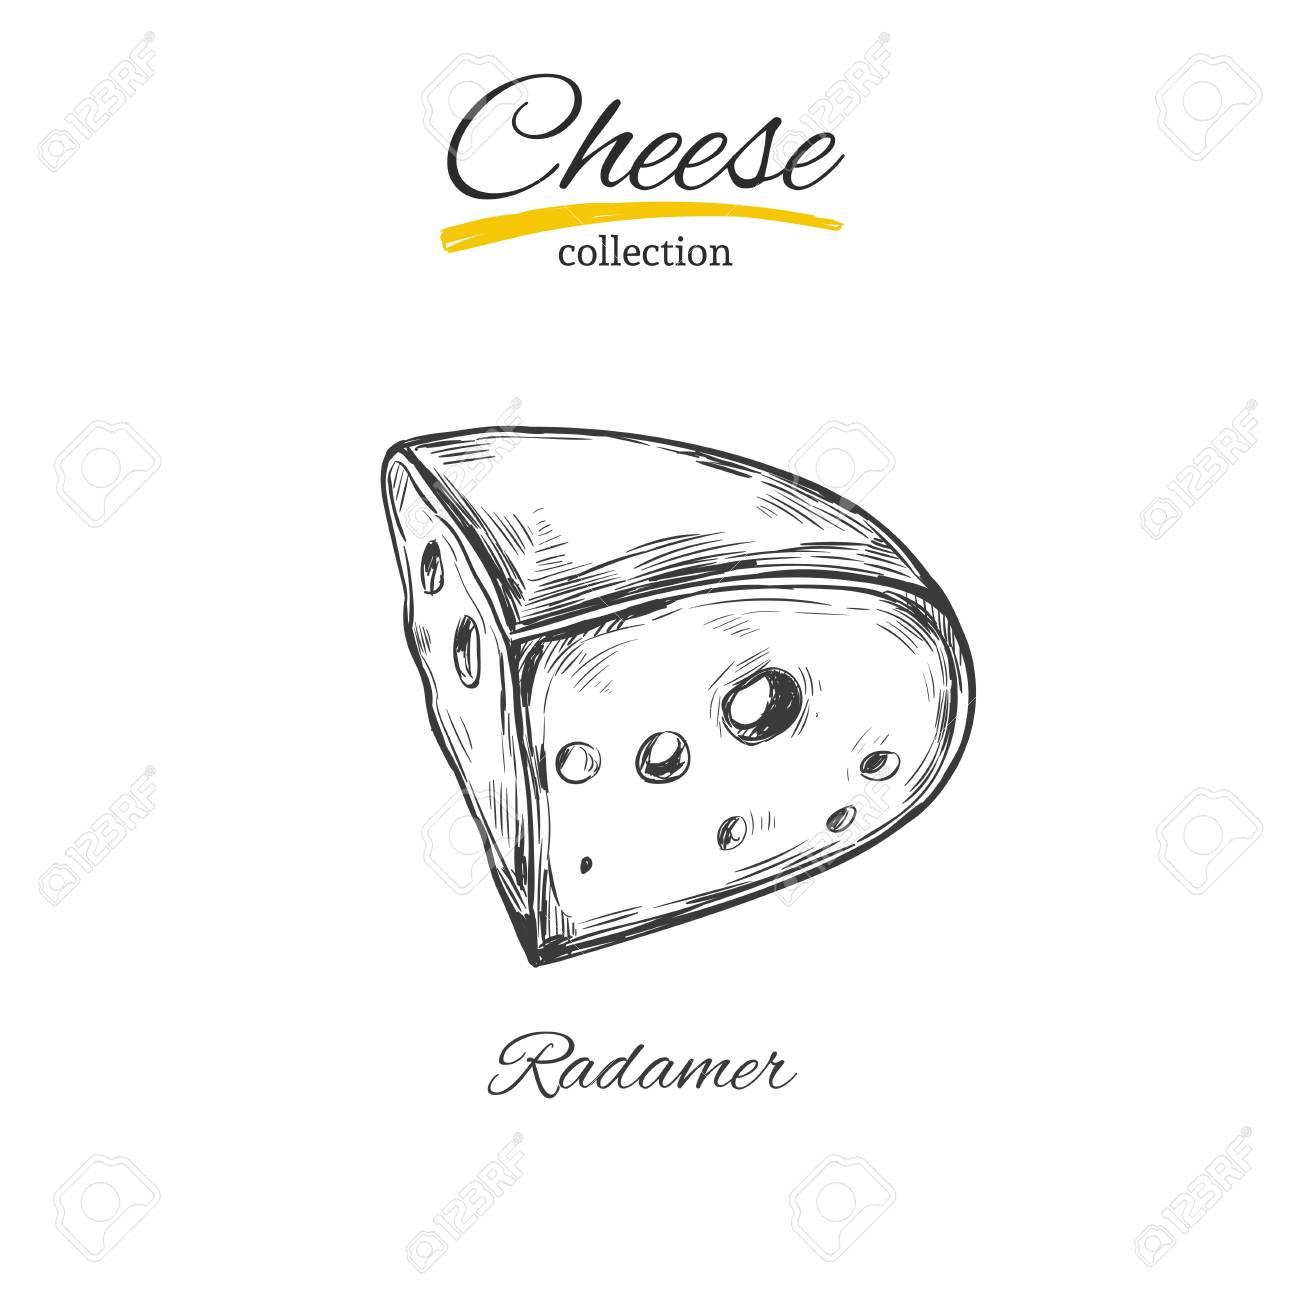 Cheese vector sketch stock vector 84807971